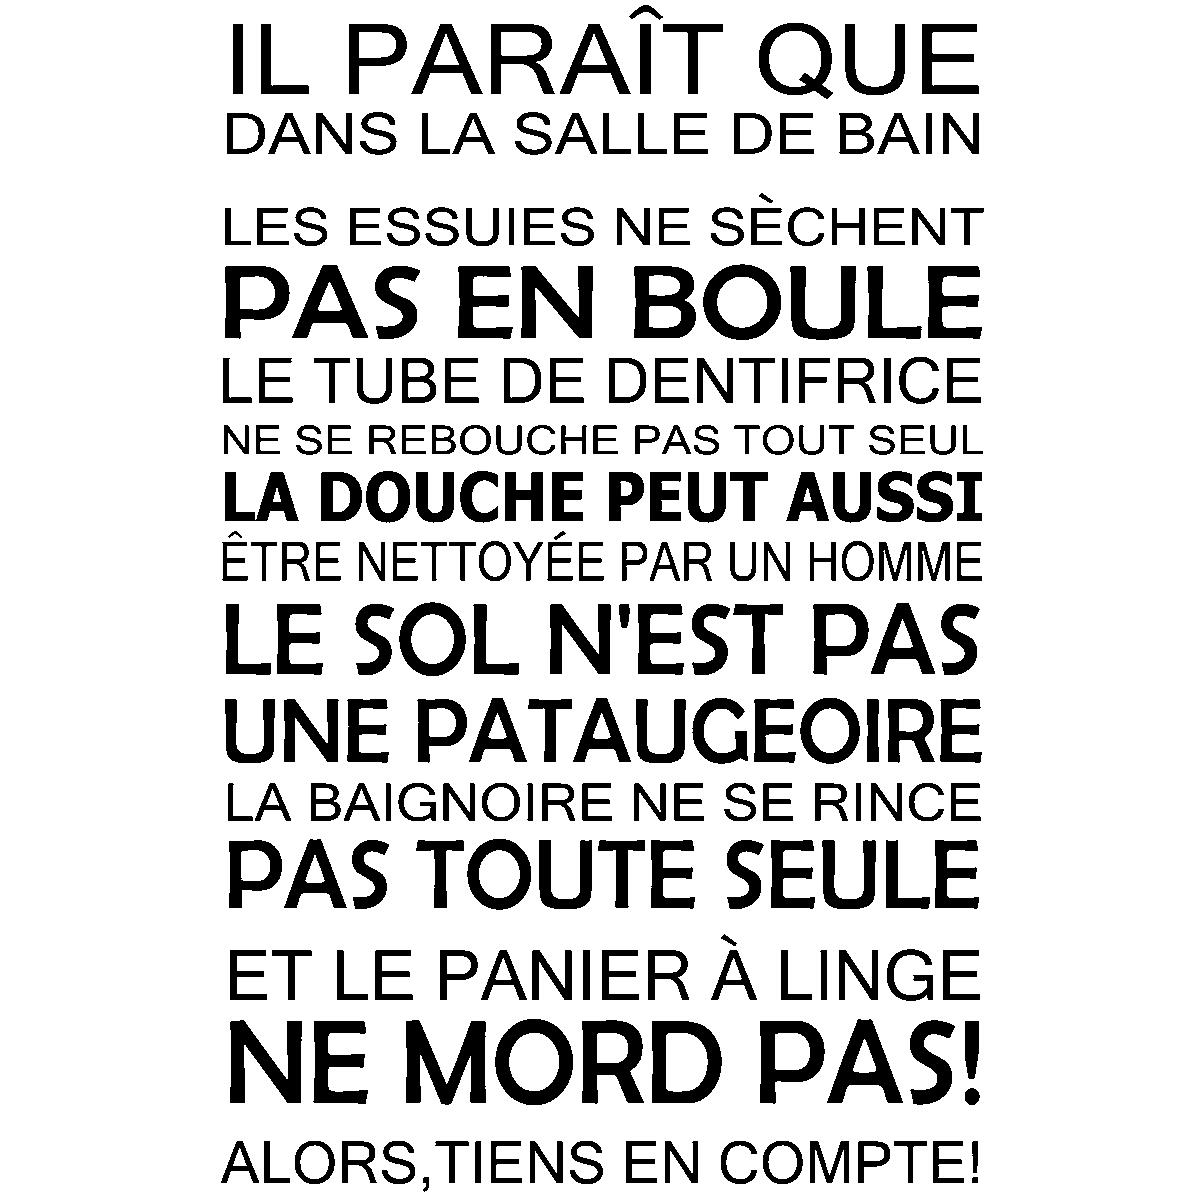 Salle De Bain Phrase ~ citation salle de bain id es inspir es pour la maison lexib net